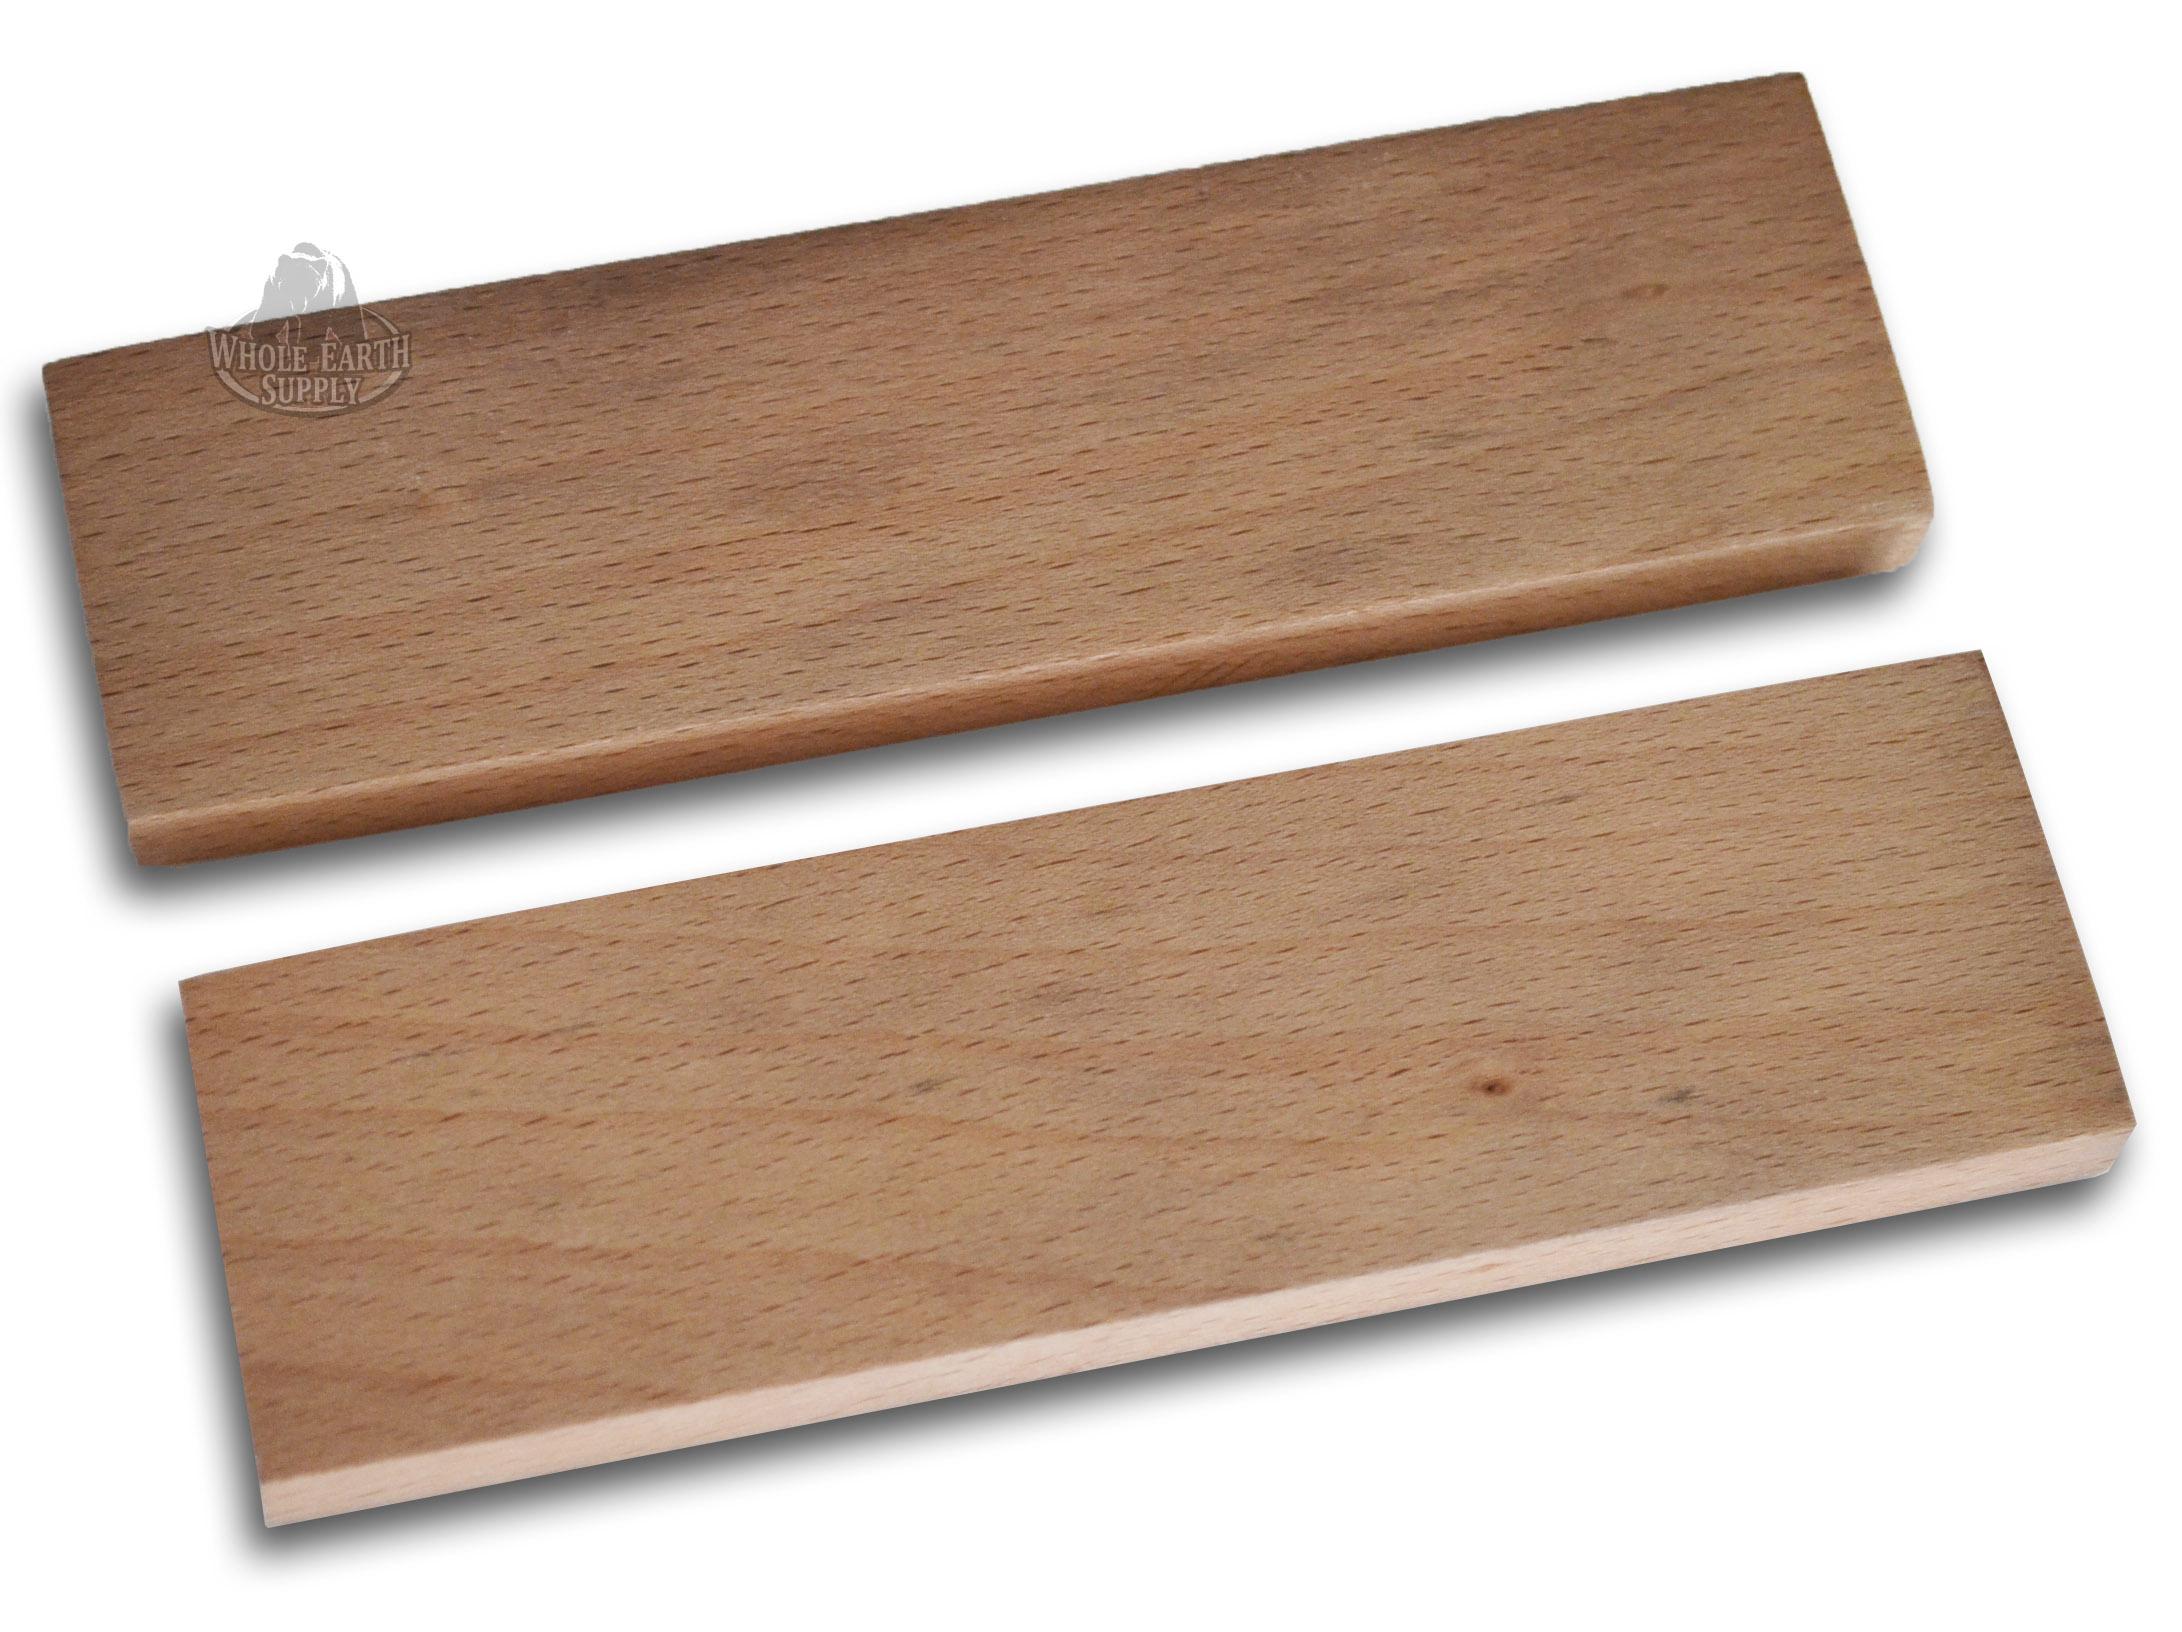 Knife Blade Blanks For Sale uk Knife Making Blanks Blades